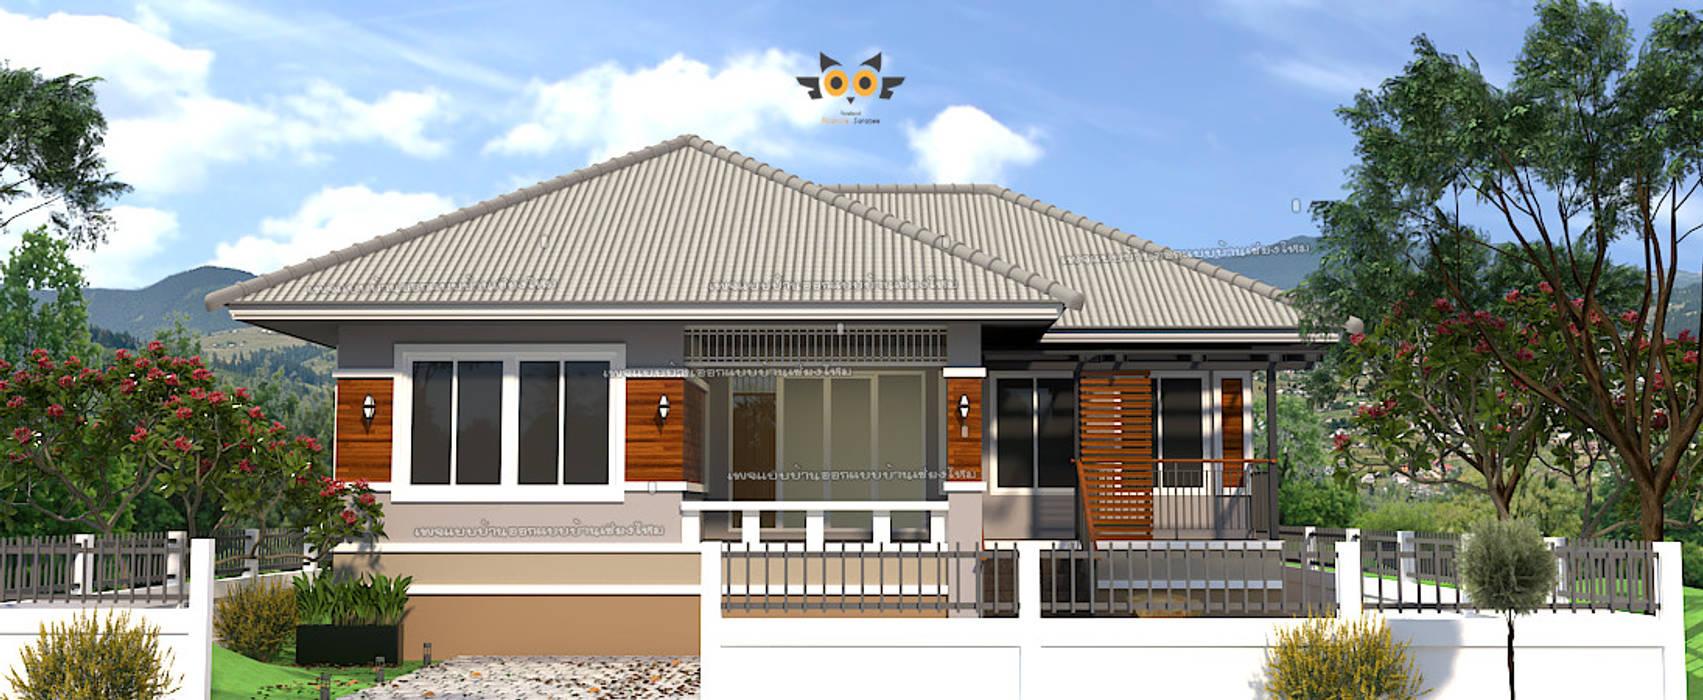 บ้านพักอาศัยชั้นเดียว โดย แบบบ้านออกแบบบ้านเชียงใหม่ ทรอปิคอล คอนกรีต